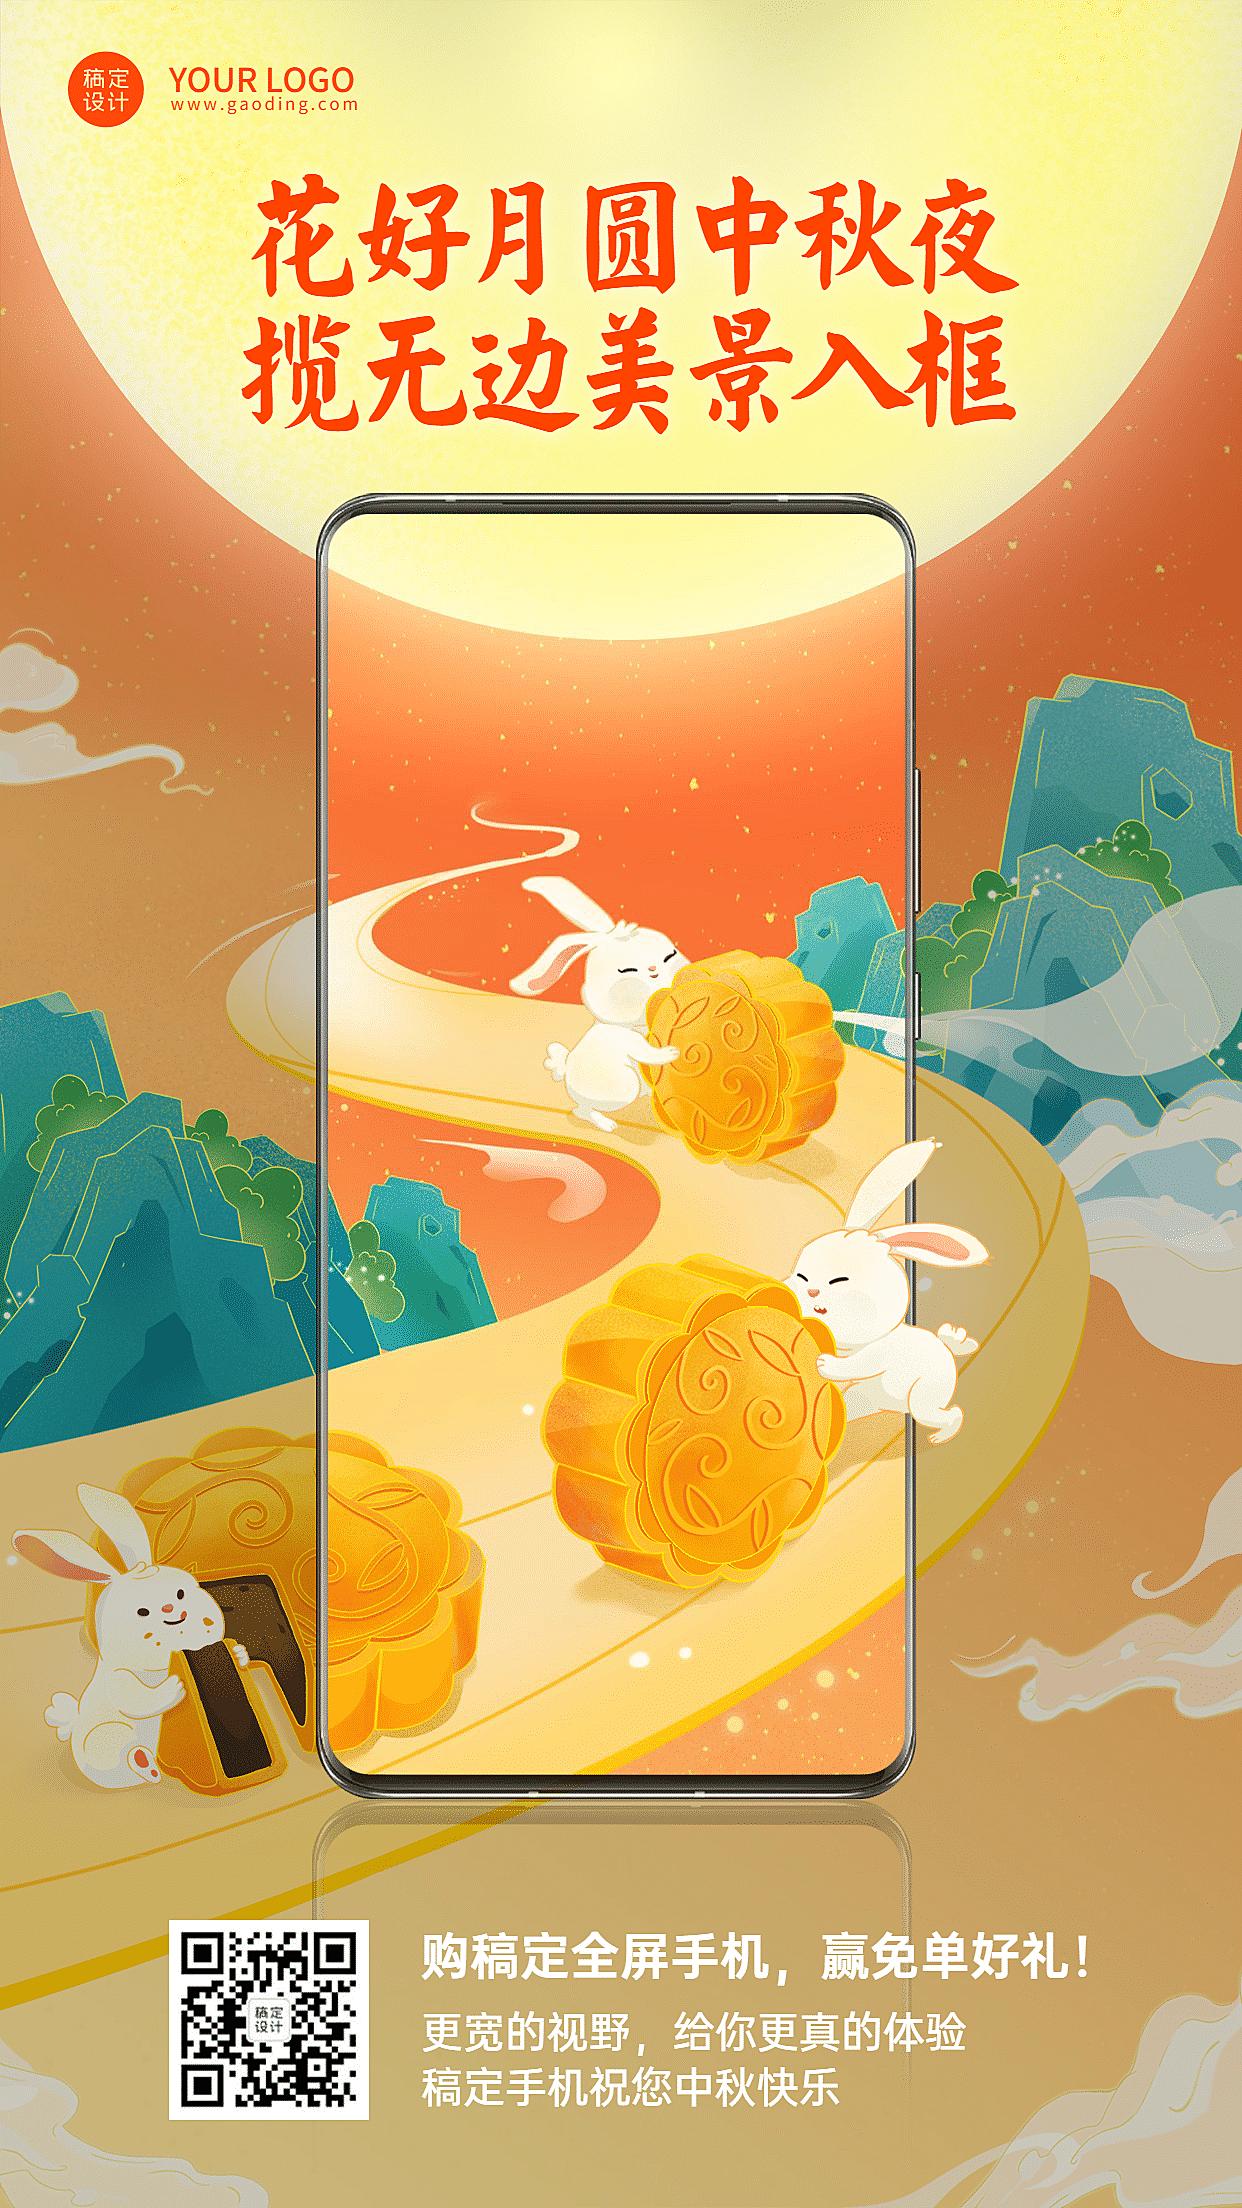 中秋节手机数码通讯全面屏插画海报